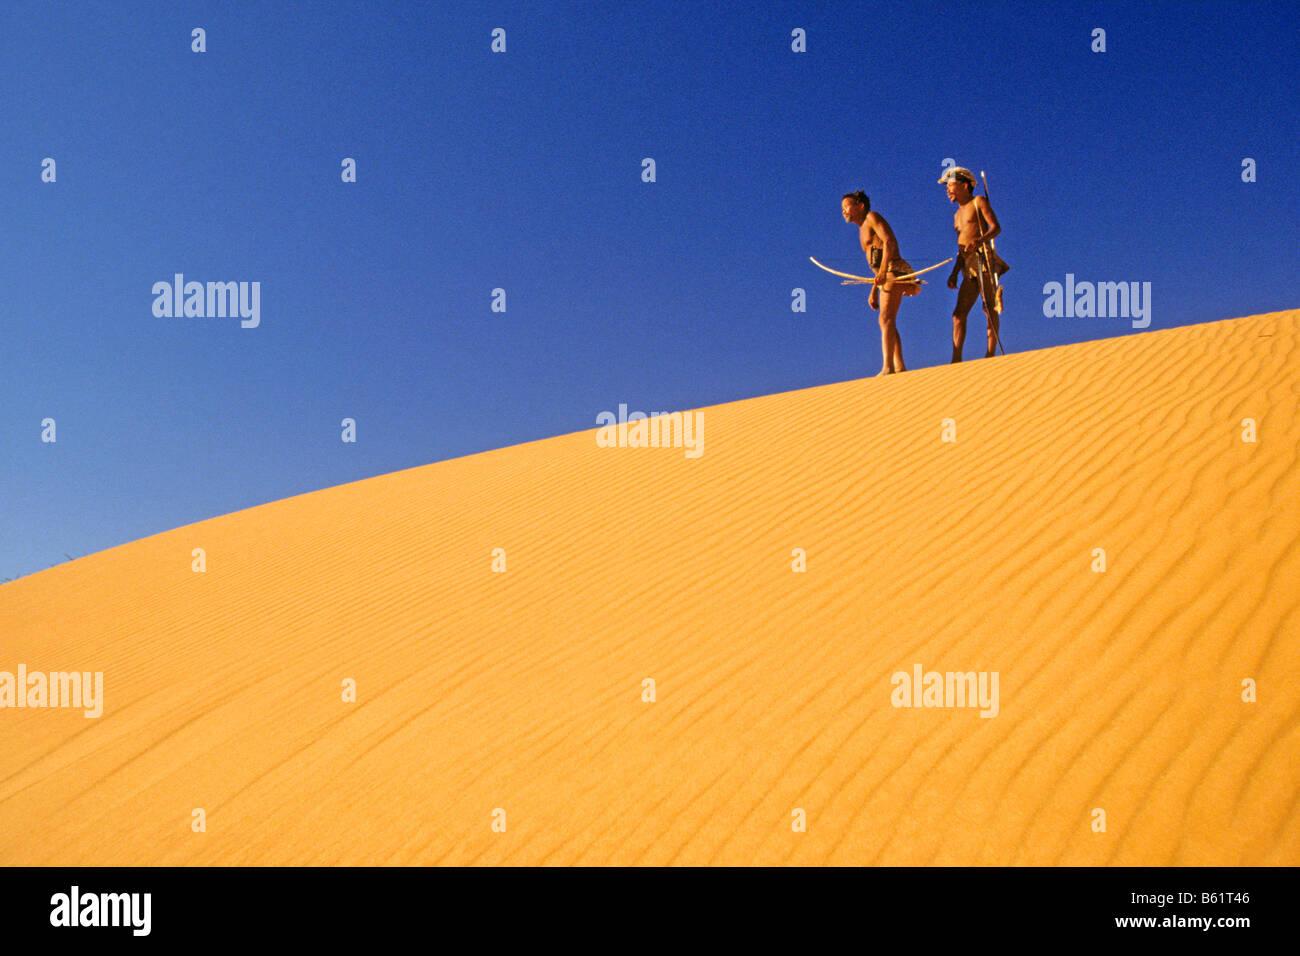 Bushman (San), los hombres en una duna de arena Imagen De Stock